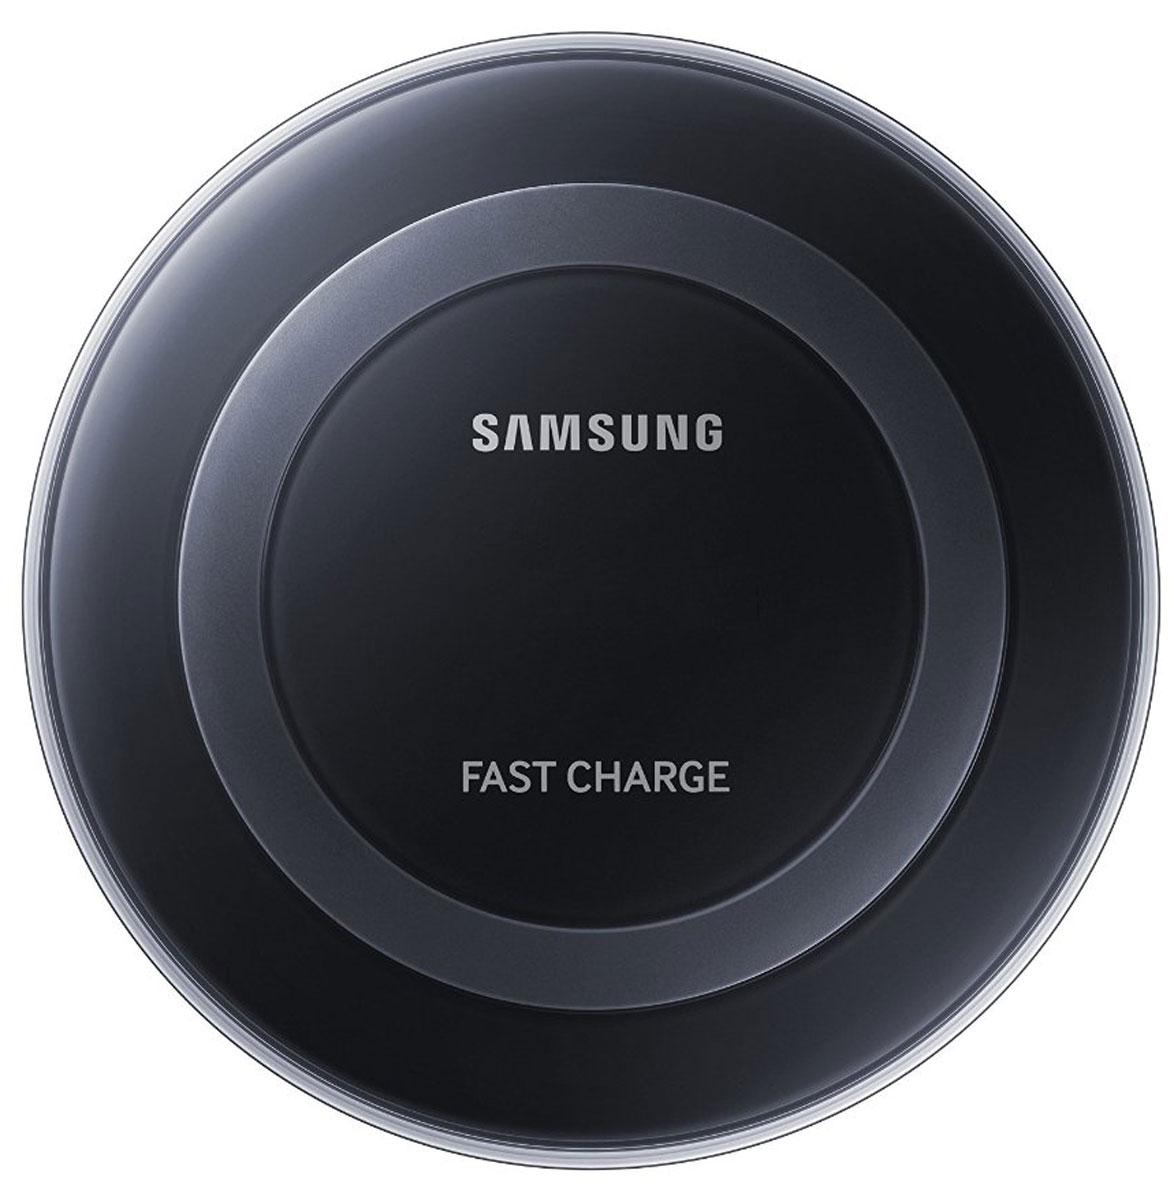 Samsung EP-PN920, Black беспроводное зарядное устройствоEP-PN920BBRGRUС беспроводным зарядным устройством Samsung EP-PN920 заряжать смартфон стало проще и быстрее, чем когда - либо. Не нужно подключать кабель к смартфону, достаточно положить ваше мобильное устройство на зарядную панель и быстрая зарядка начнется автоматически. В отличие от большинства обычных зарядных устройств, беспроводное зарядное устройство Samsung EP-PN920 имеет уникальный и красивый дизайн. Прозрачные элементы и глянцевое покрытие корпуса добавляют изысканности, а элегантная округлая форма устройства добавит стиля любому интерьеру. Специальный LED - индикатор позволит вам контролировать статус зарядки мобильного устройства, меняя цвет с небесно-голубого на ярко-зеленый, когда аккумулятор полностью заряжен.